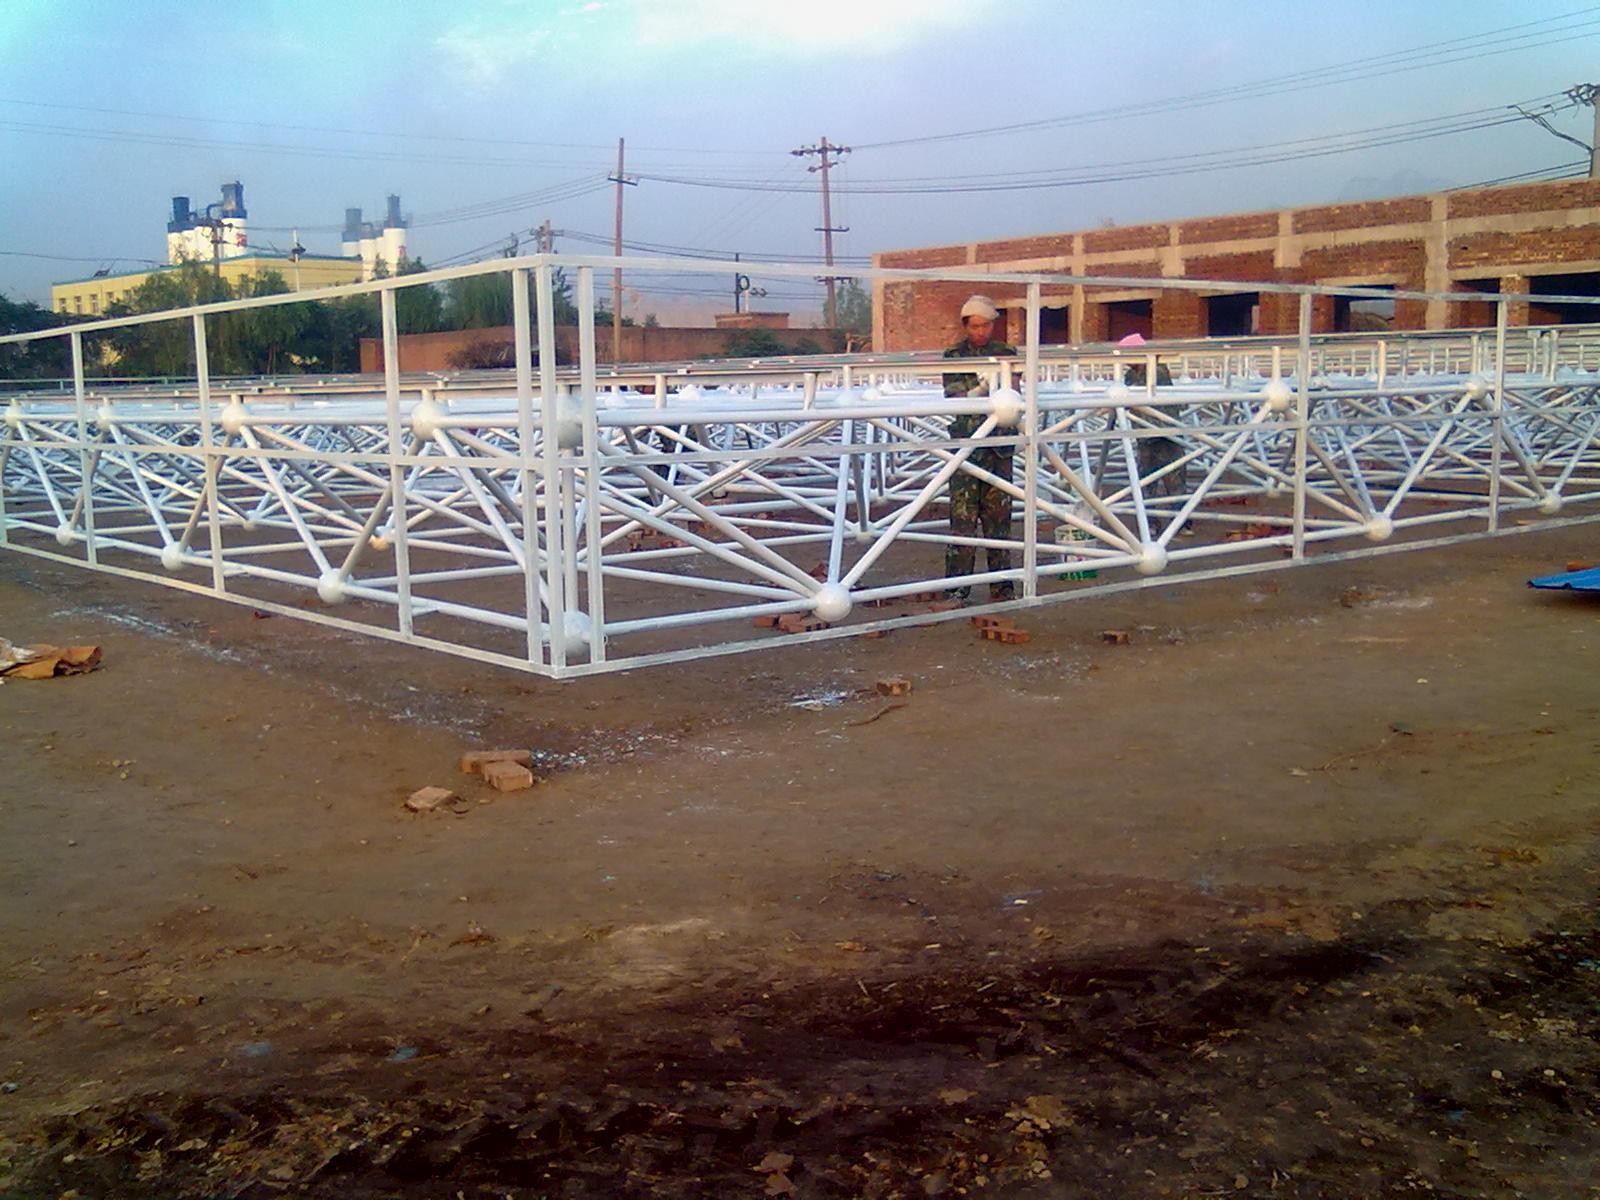 承接钢结构轻钢车间,厂房,桁架;加油站雨棚,钢球网架,油罐,管道,100